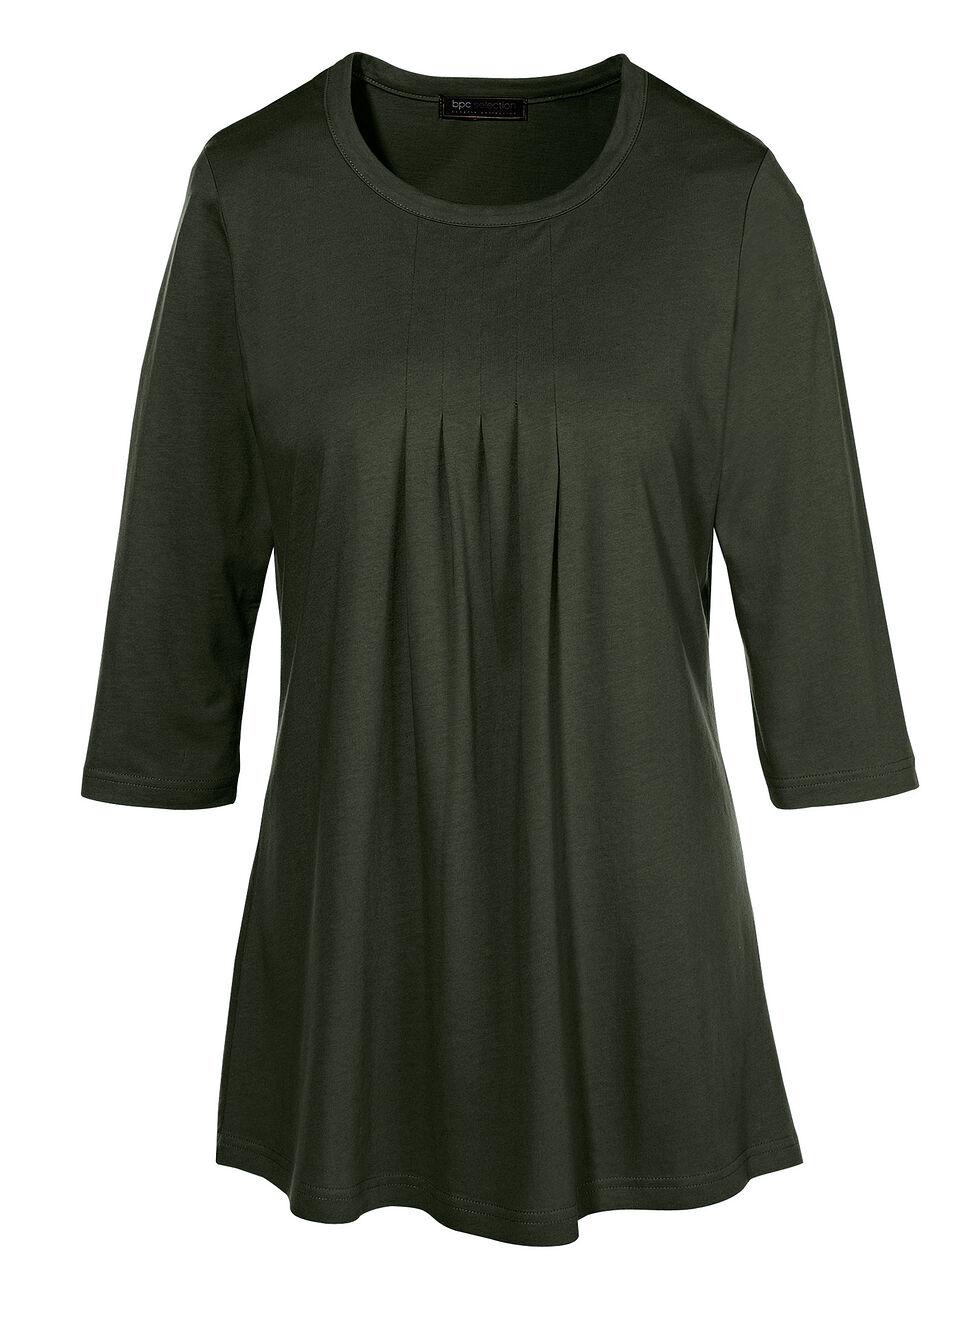 Удлиненная футболка с рукавом 3/4 от bonprix